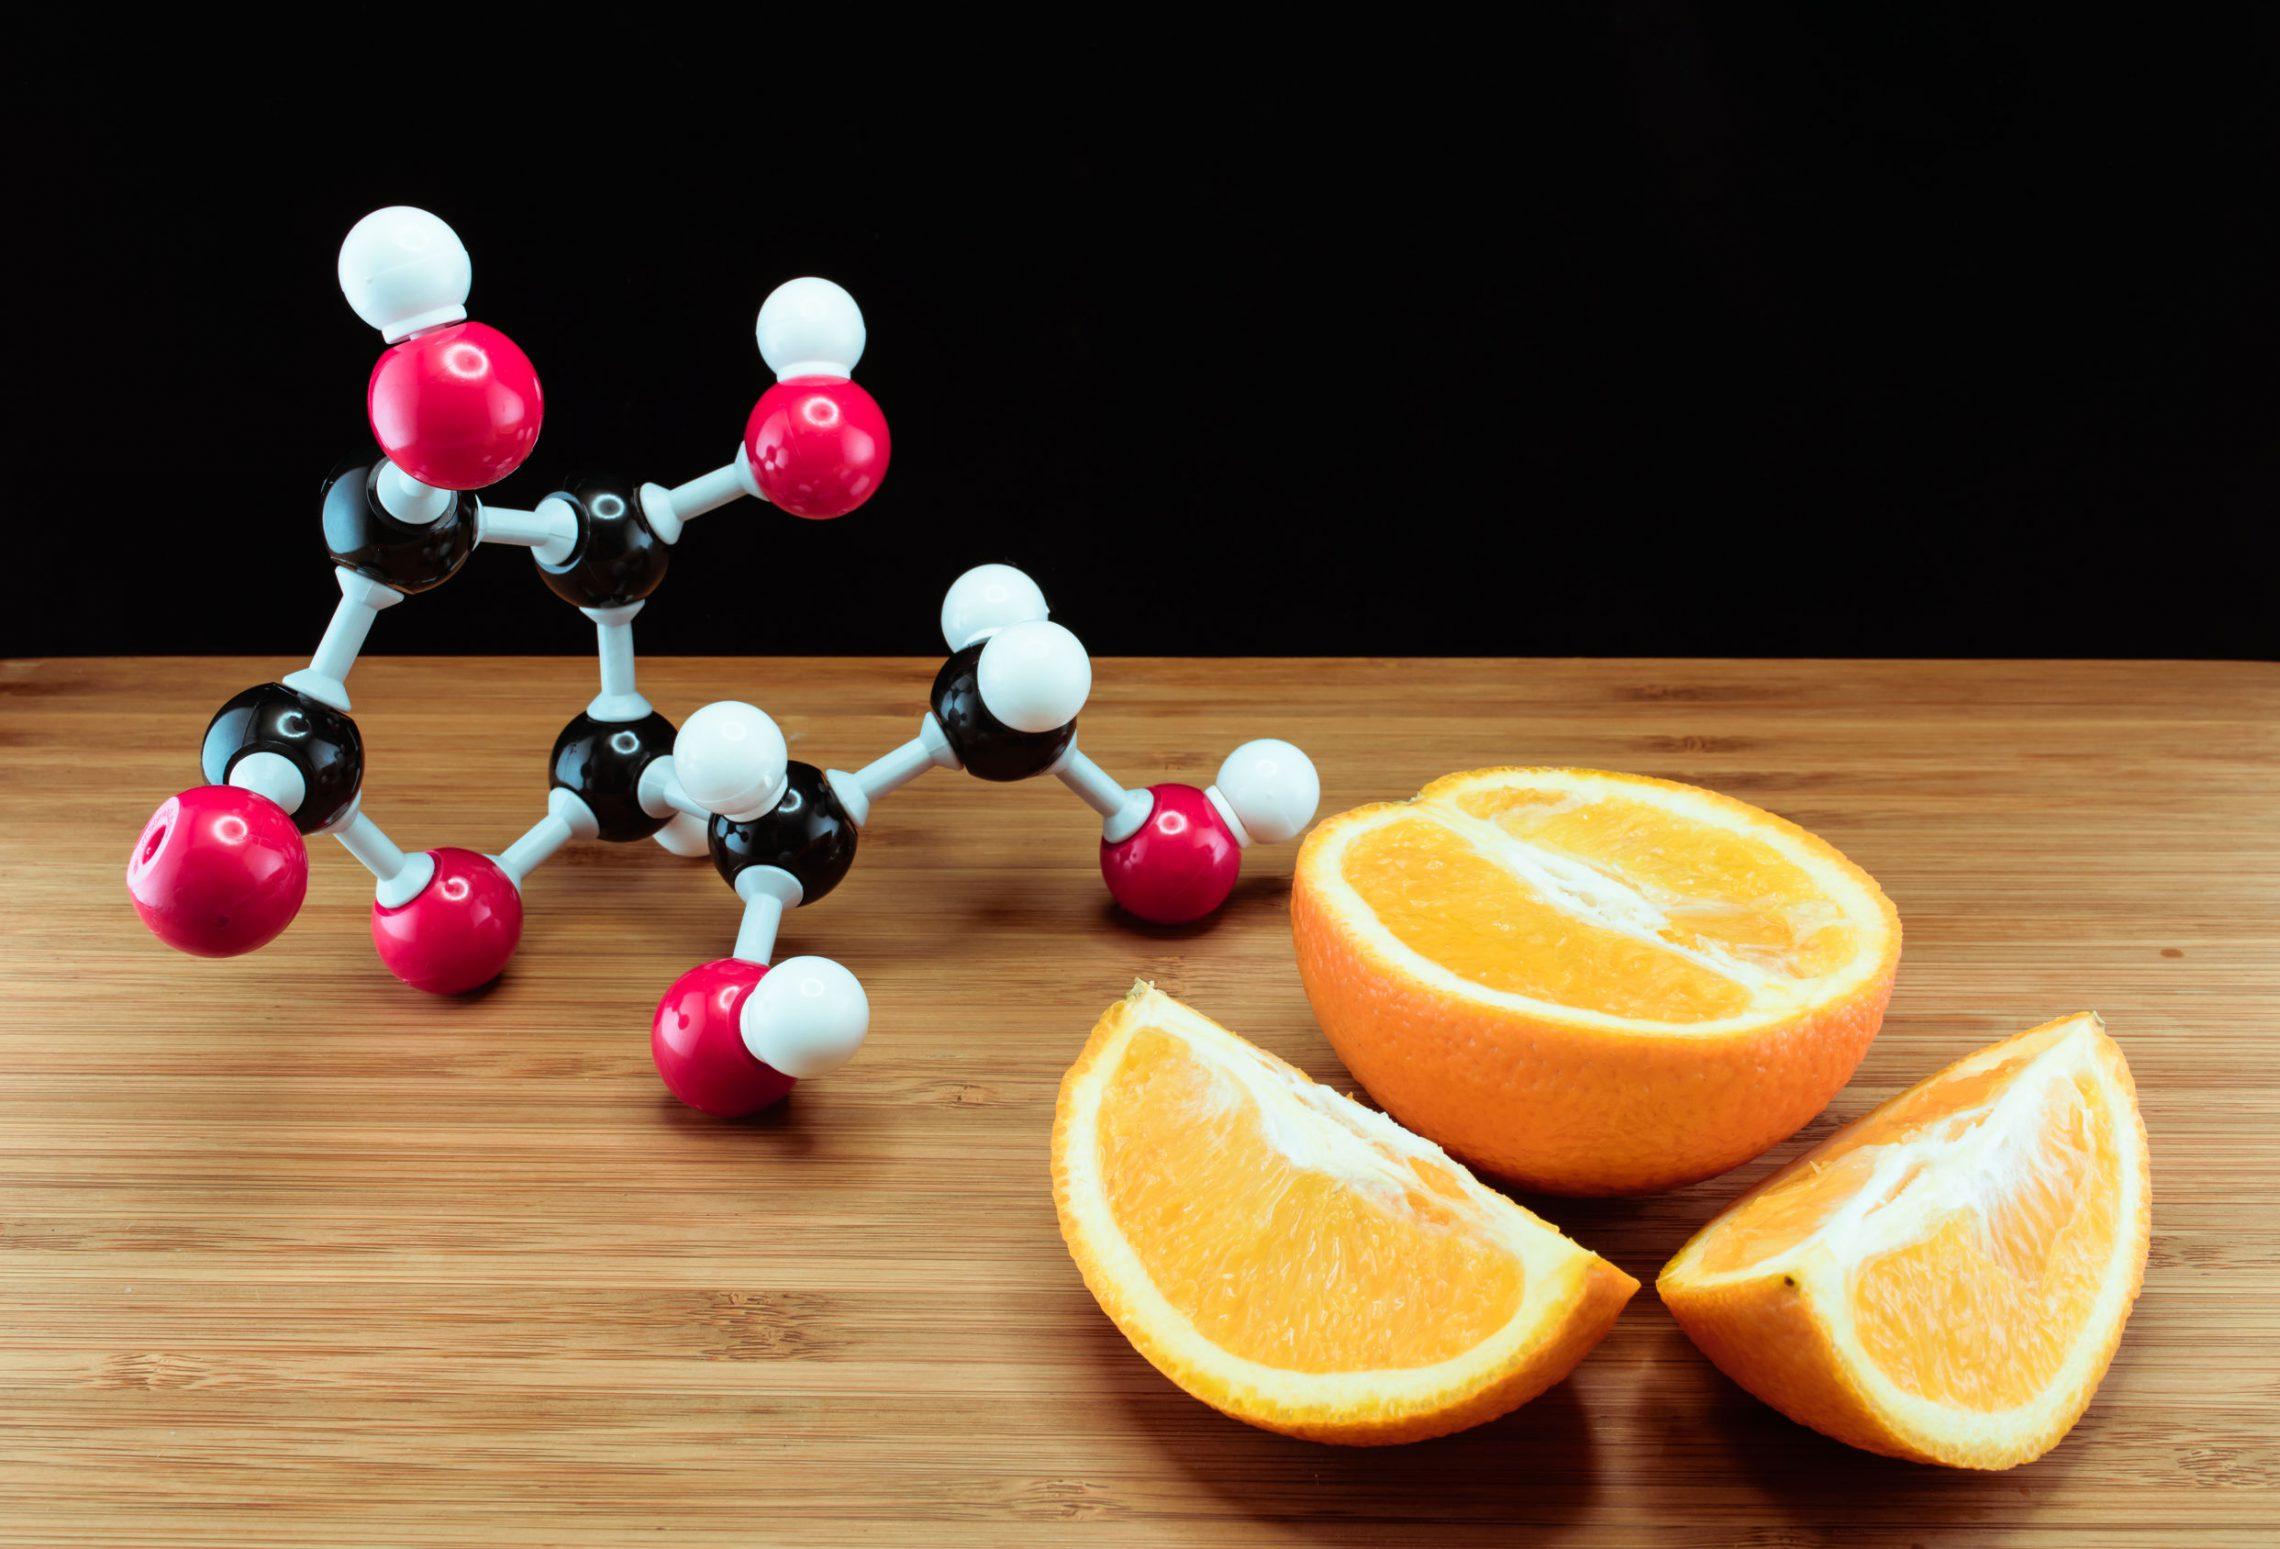 Jak przechowywać żywność, by nie tracić witaminy C?